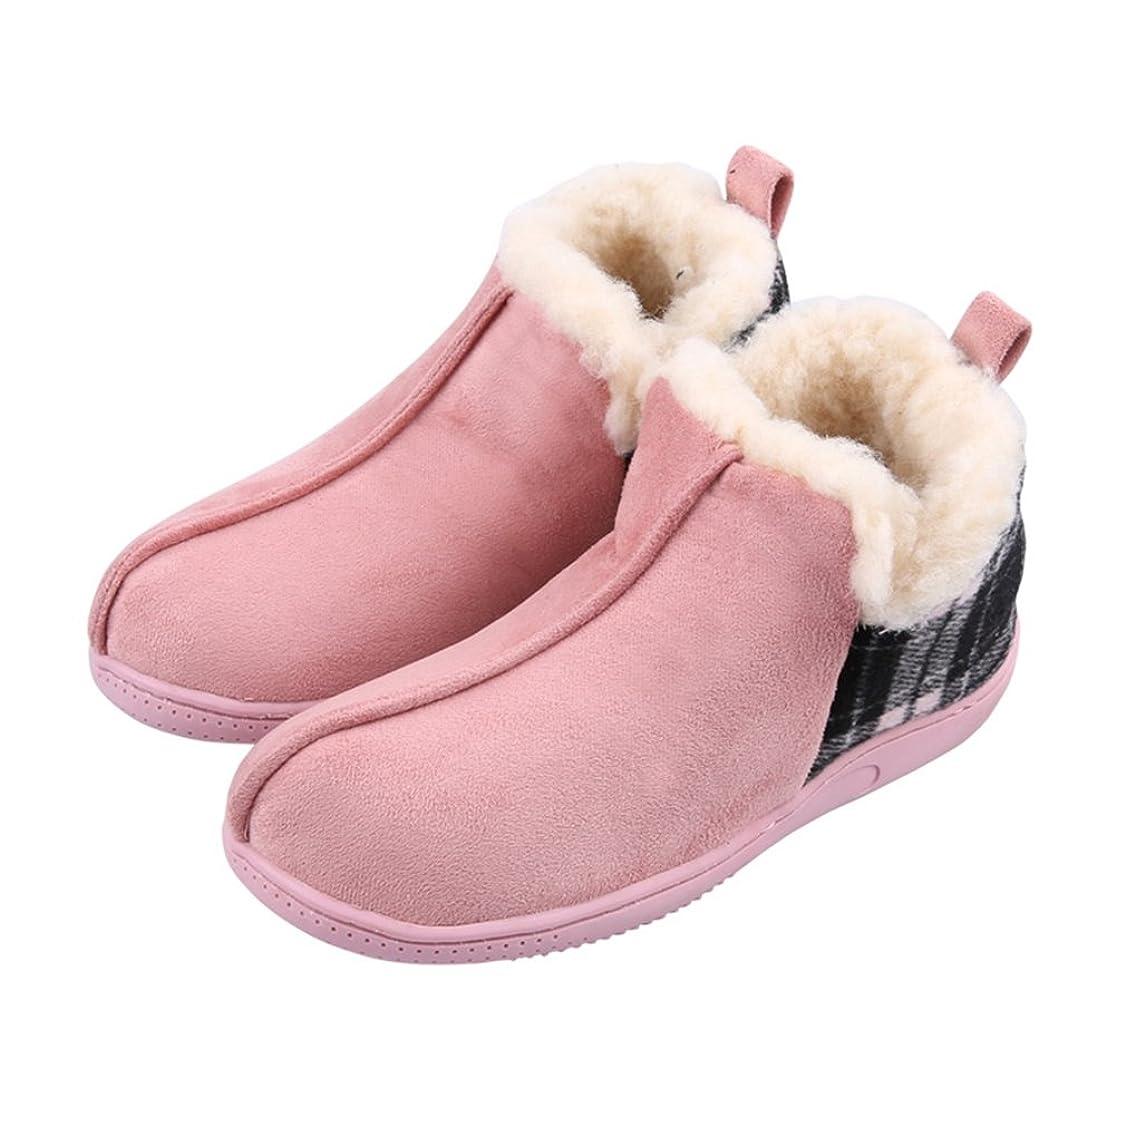 薬用一般的に拒絶ルームシューズ ブーツ ハイカット ボア 裏起毛 綿製品 レディース メンズ お揃い おしゃれ 洗える 秋冬用 室内履き 厚め ふわふわ 歩きやすく 滑り止め 通気性 ホーム用 衛生的 肌触り優しい 日常生活